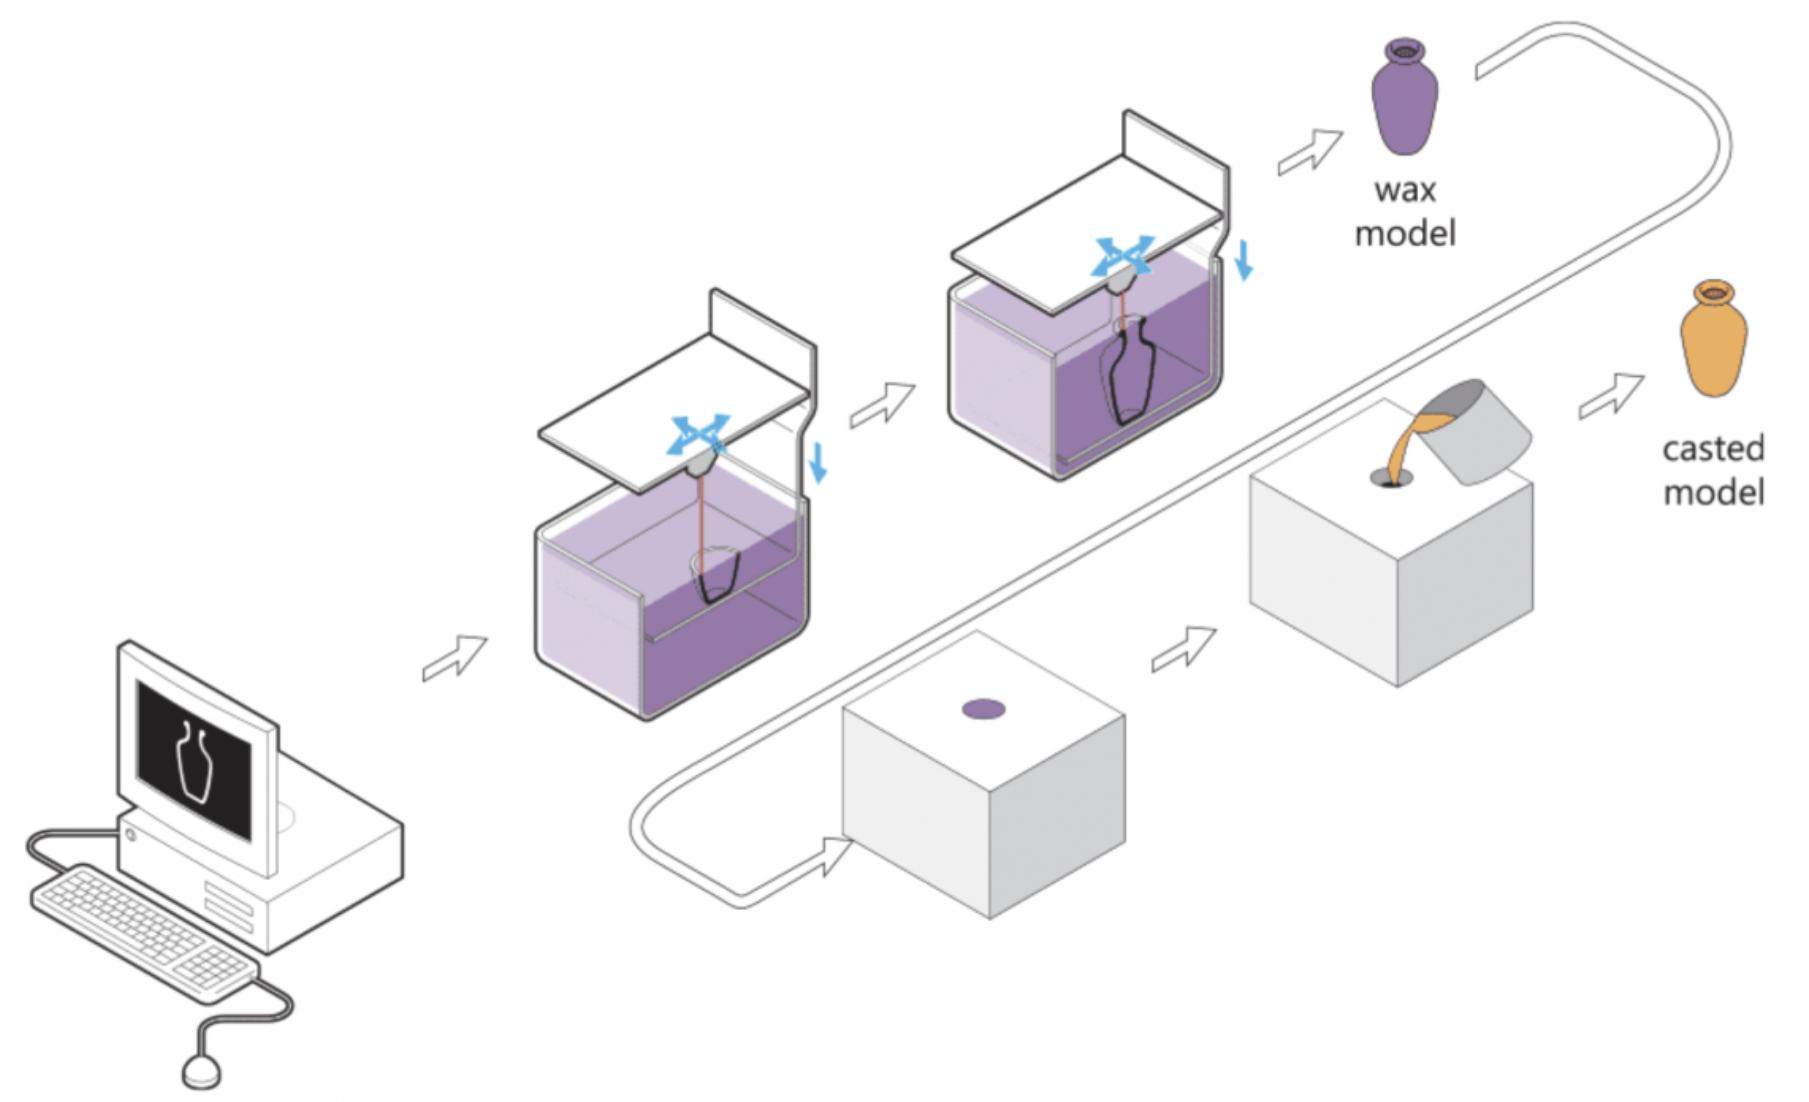 Grafički prikaz uporabe 3D pisača za izradu kalupa u draguljarskoj industriji, izvor: imaterialise.com